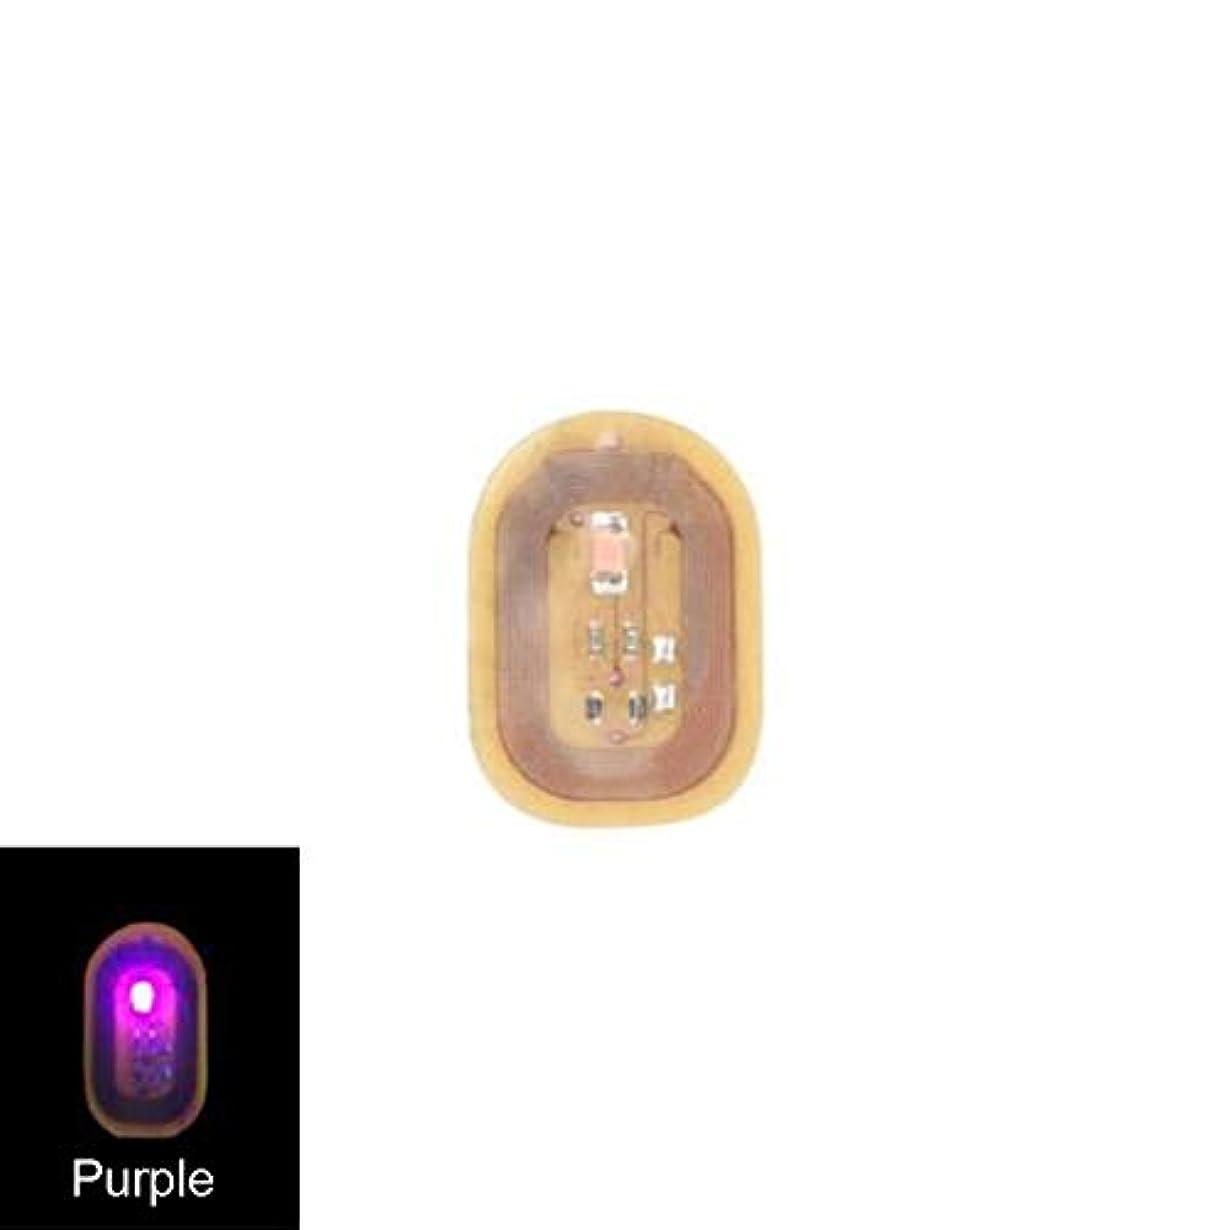 剪断モディッシュ等価ACHICOO ネイルステッカー NFC ネイルアート ヒント DIYステッカー 電話 LEDライト フラッシュパーティー デコレーション ネイルチップ 紫色の光